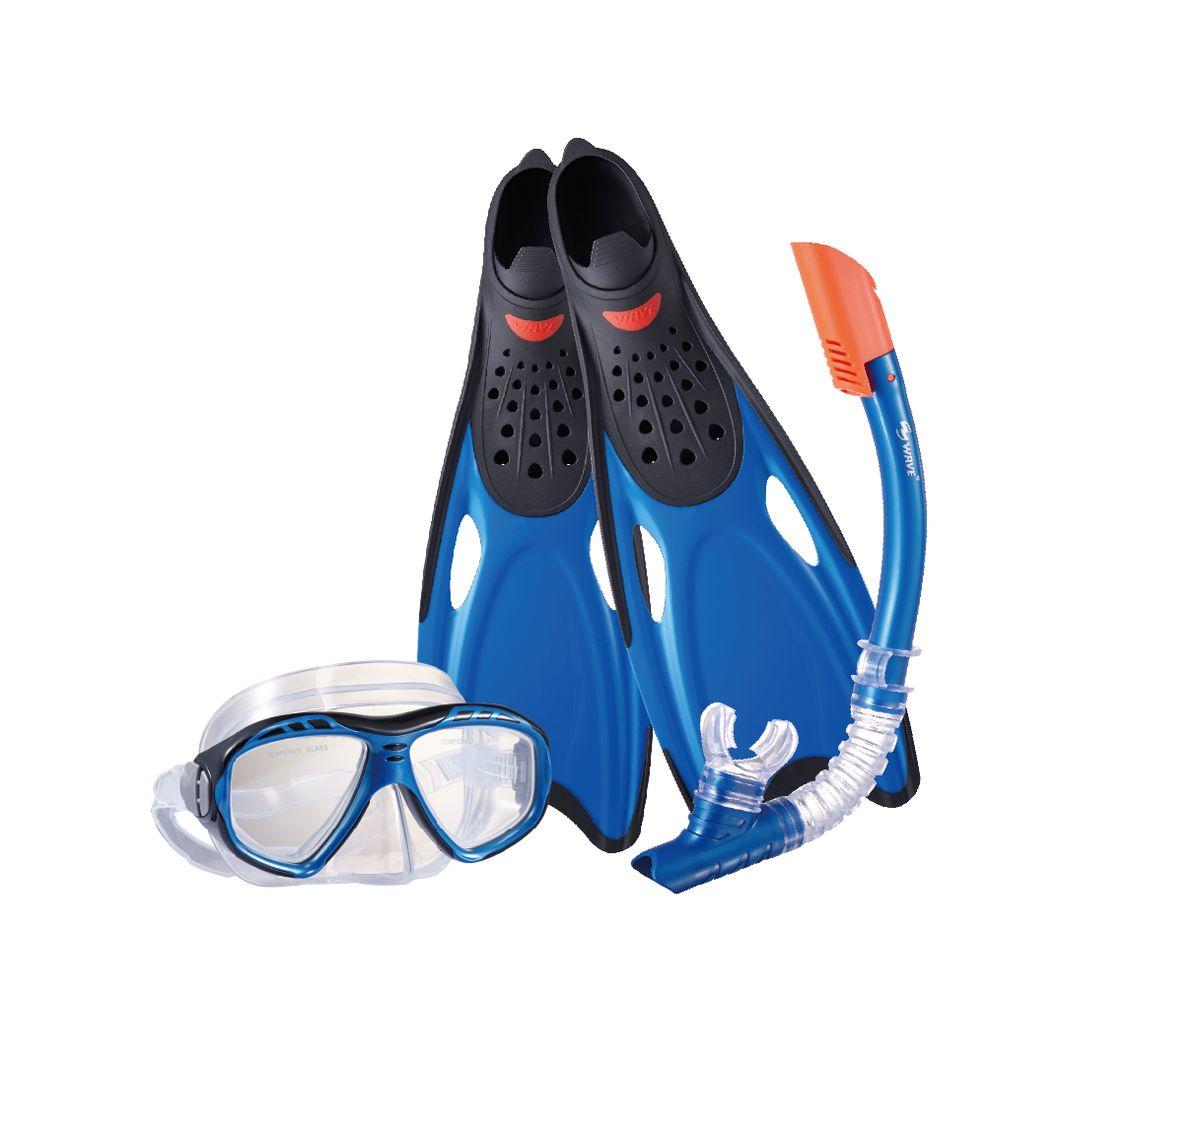 Комплект для плавания WAVE: маска, трубка, ласты, цвет: синий. Размер 40-41. MSF-1396S25BF71 очки маски и трубки для плавания intex маска авиатор для плавания 55911